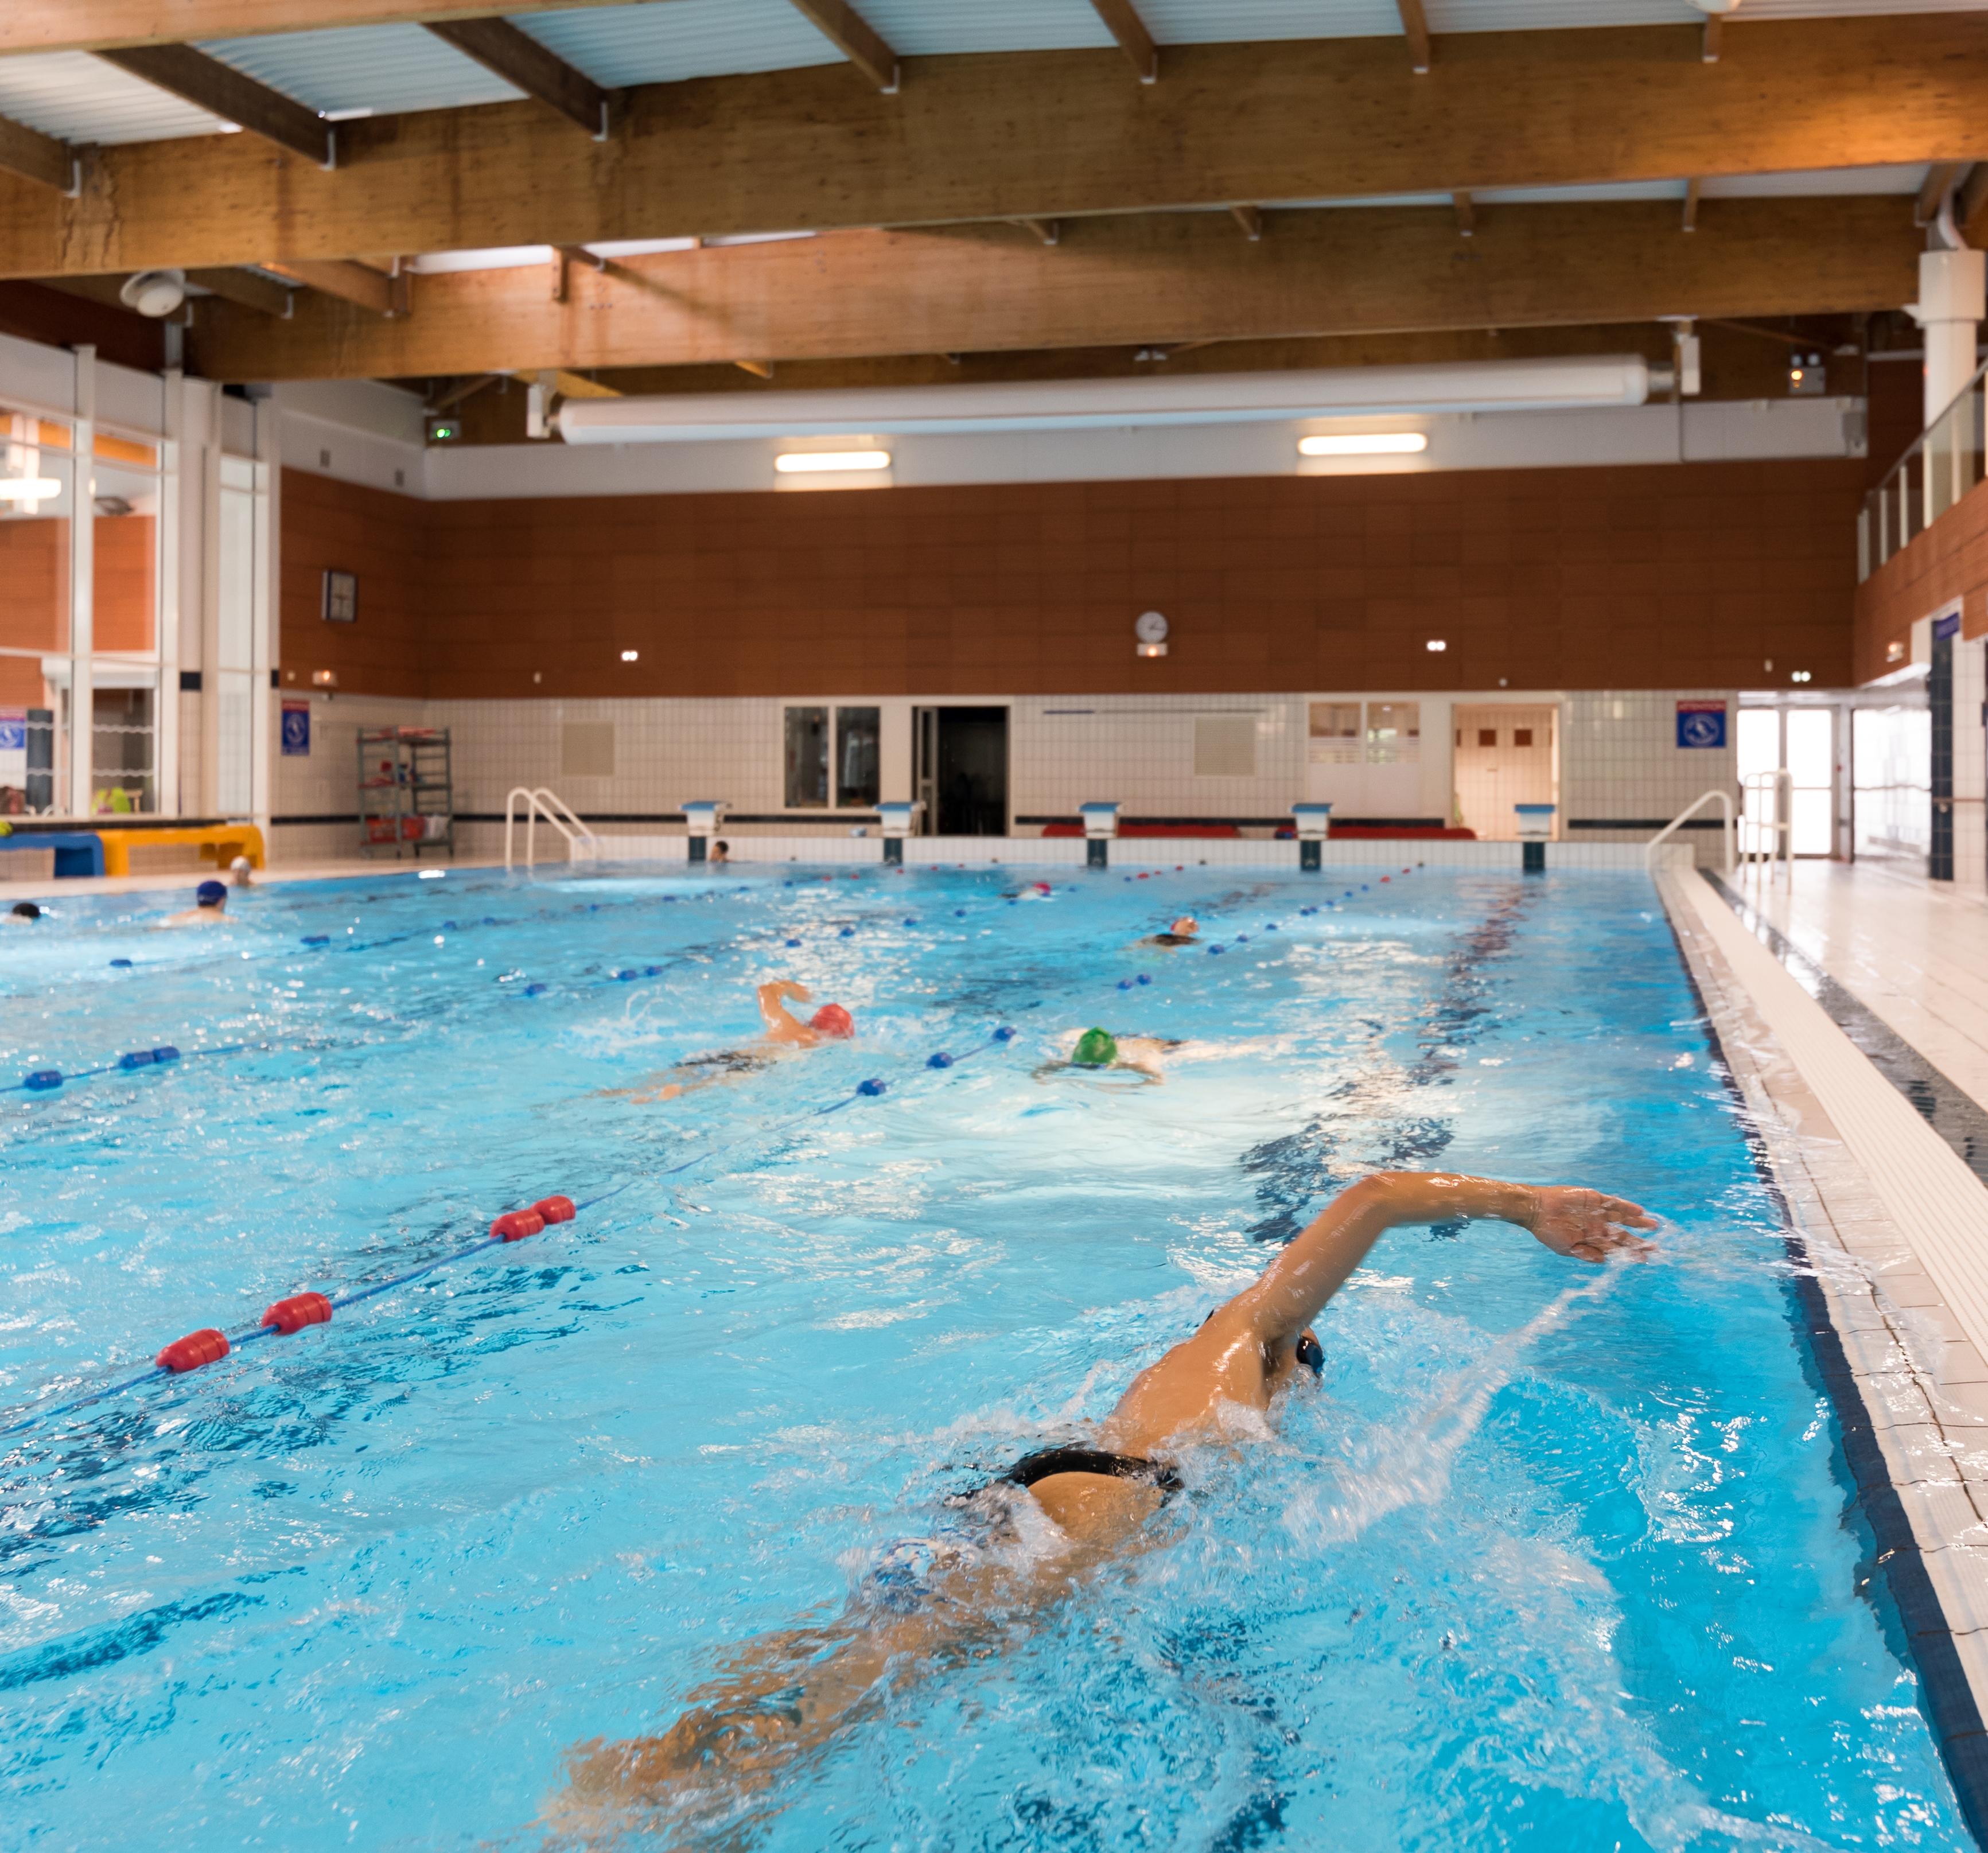 Auvergne rh ne alpes tourisme piscine aqualude - Piscine aqualude montbrison ...